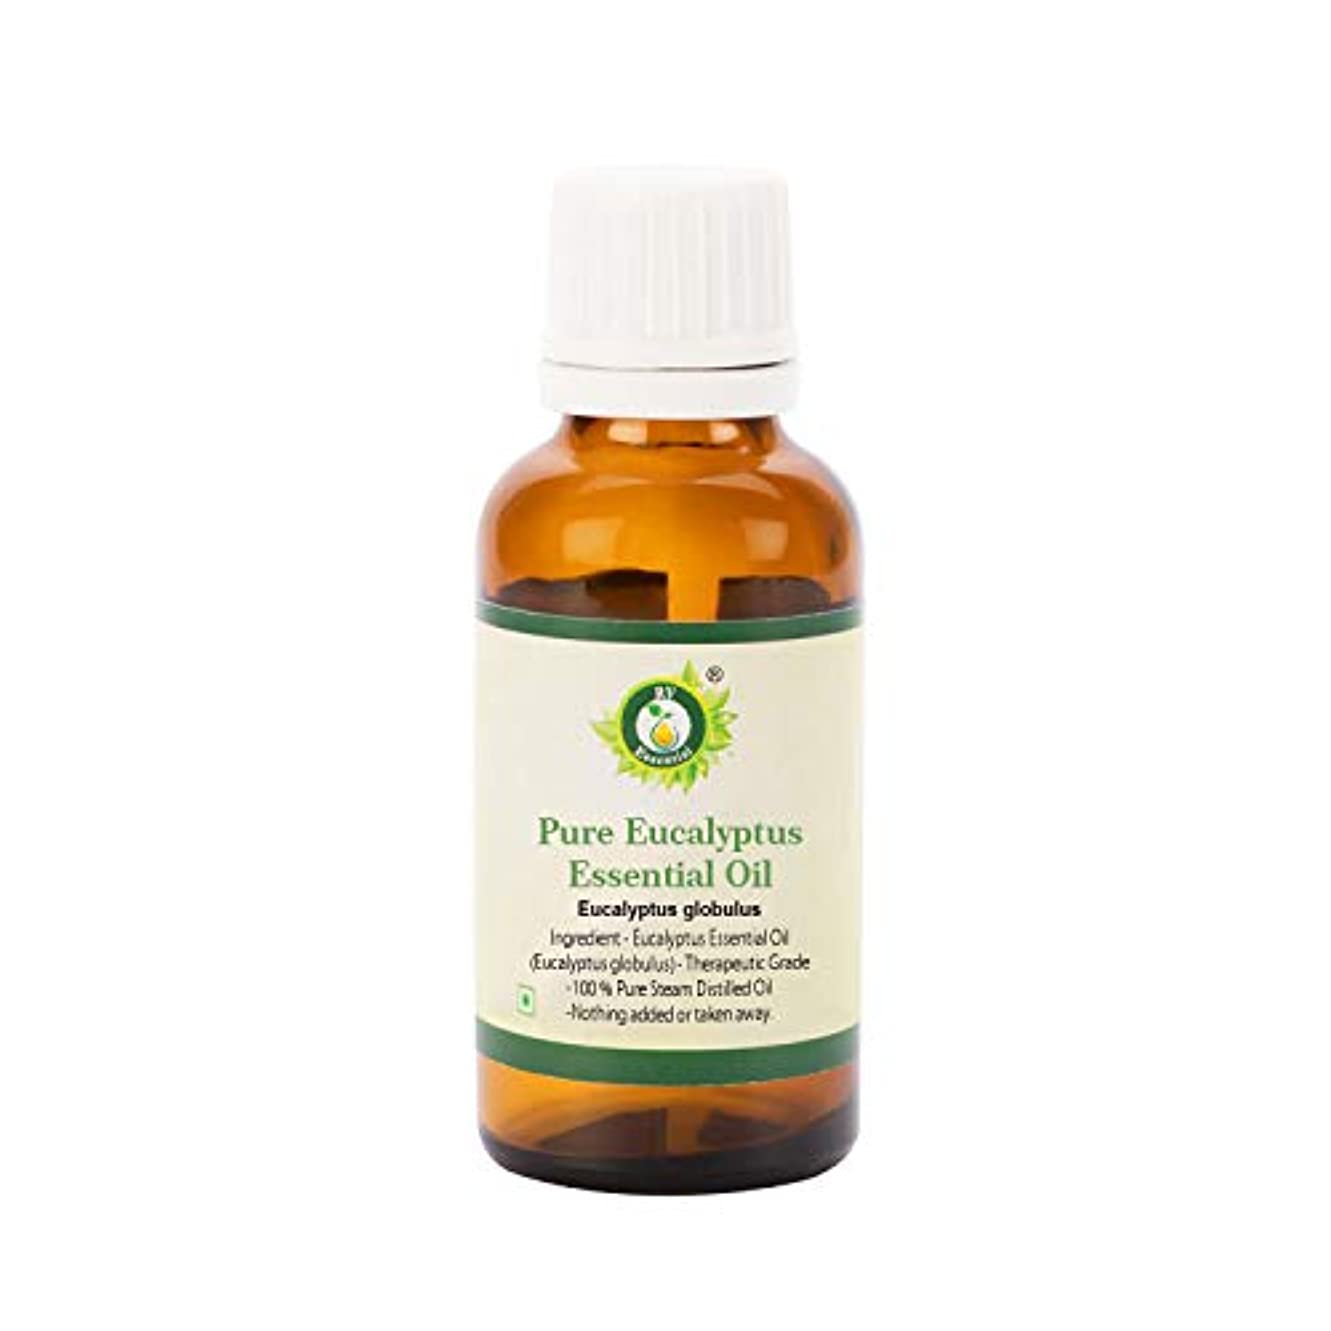 引っ張るそんなにアクティビティR V Essential ピュアユーカリエッセンシャルオイル100ml (3.38oz)- Eucalyptus globulus (100%純粋&天然スチームDistilled) Pure Eucalyptus Essential...